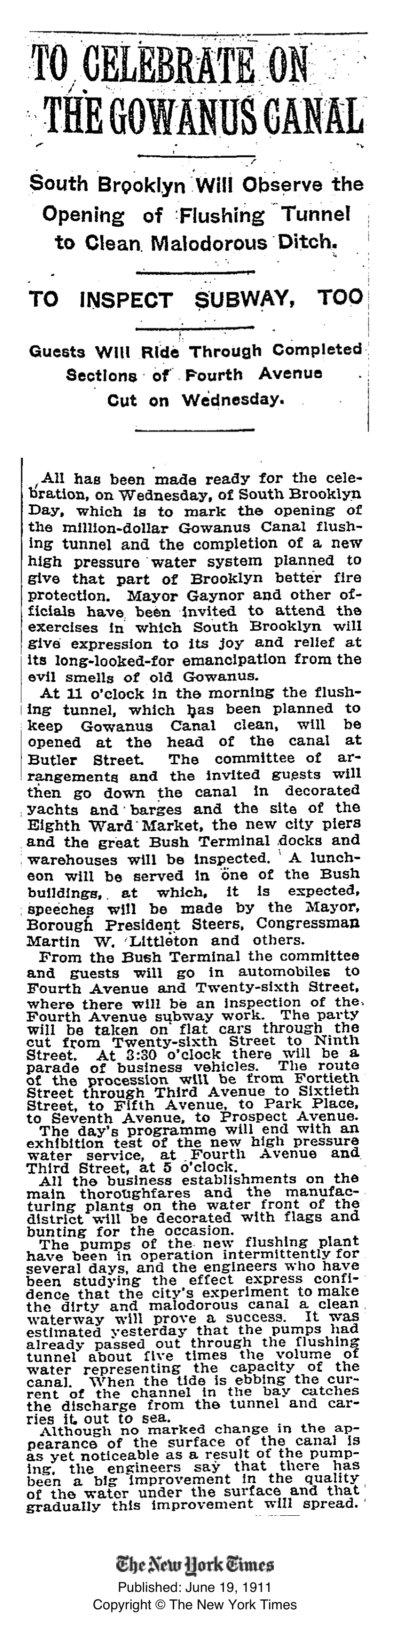 NYT JUNE !9, 1911